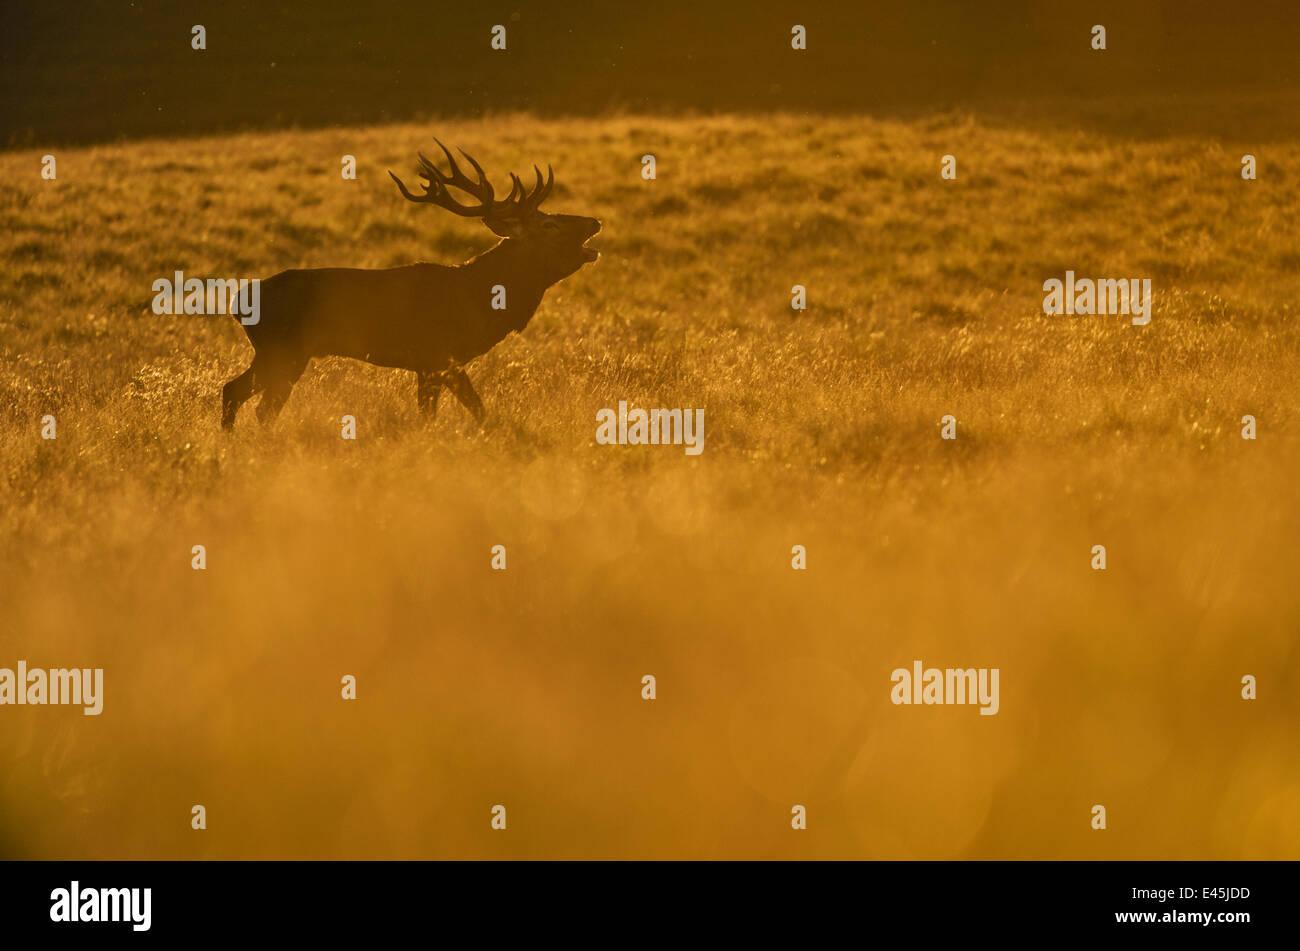 Red deer (Cervus elaphus) stag calling at sunset during rut, Klampenborg Dyrehaven, Denmark, September 2008 - Stock Image